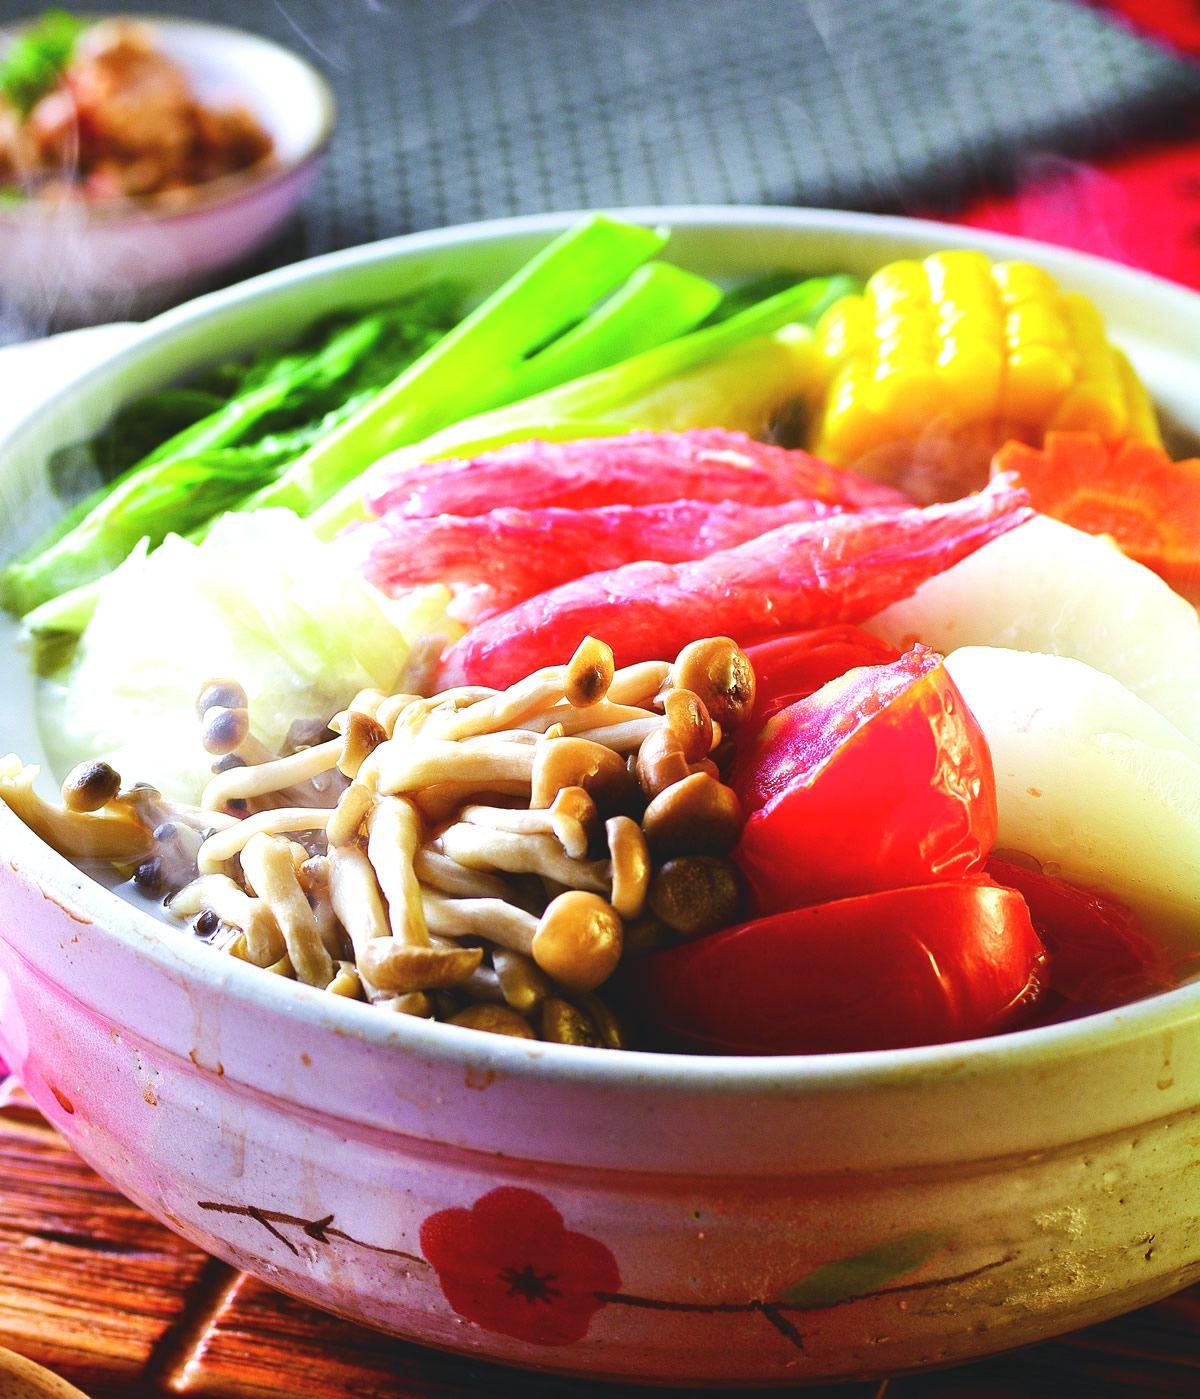 食譜:什錦蔬食圍爐鍋